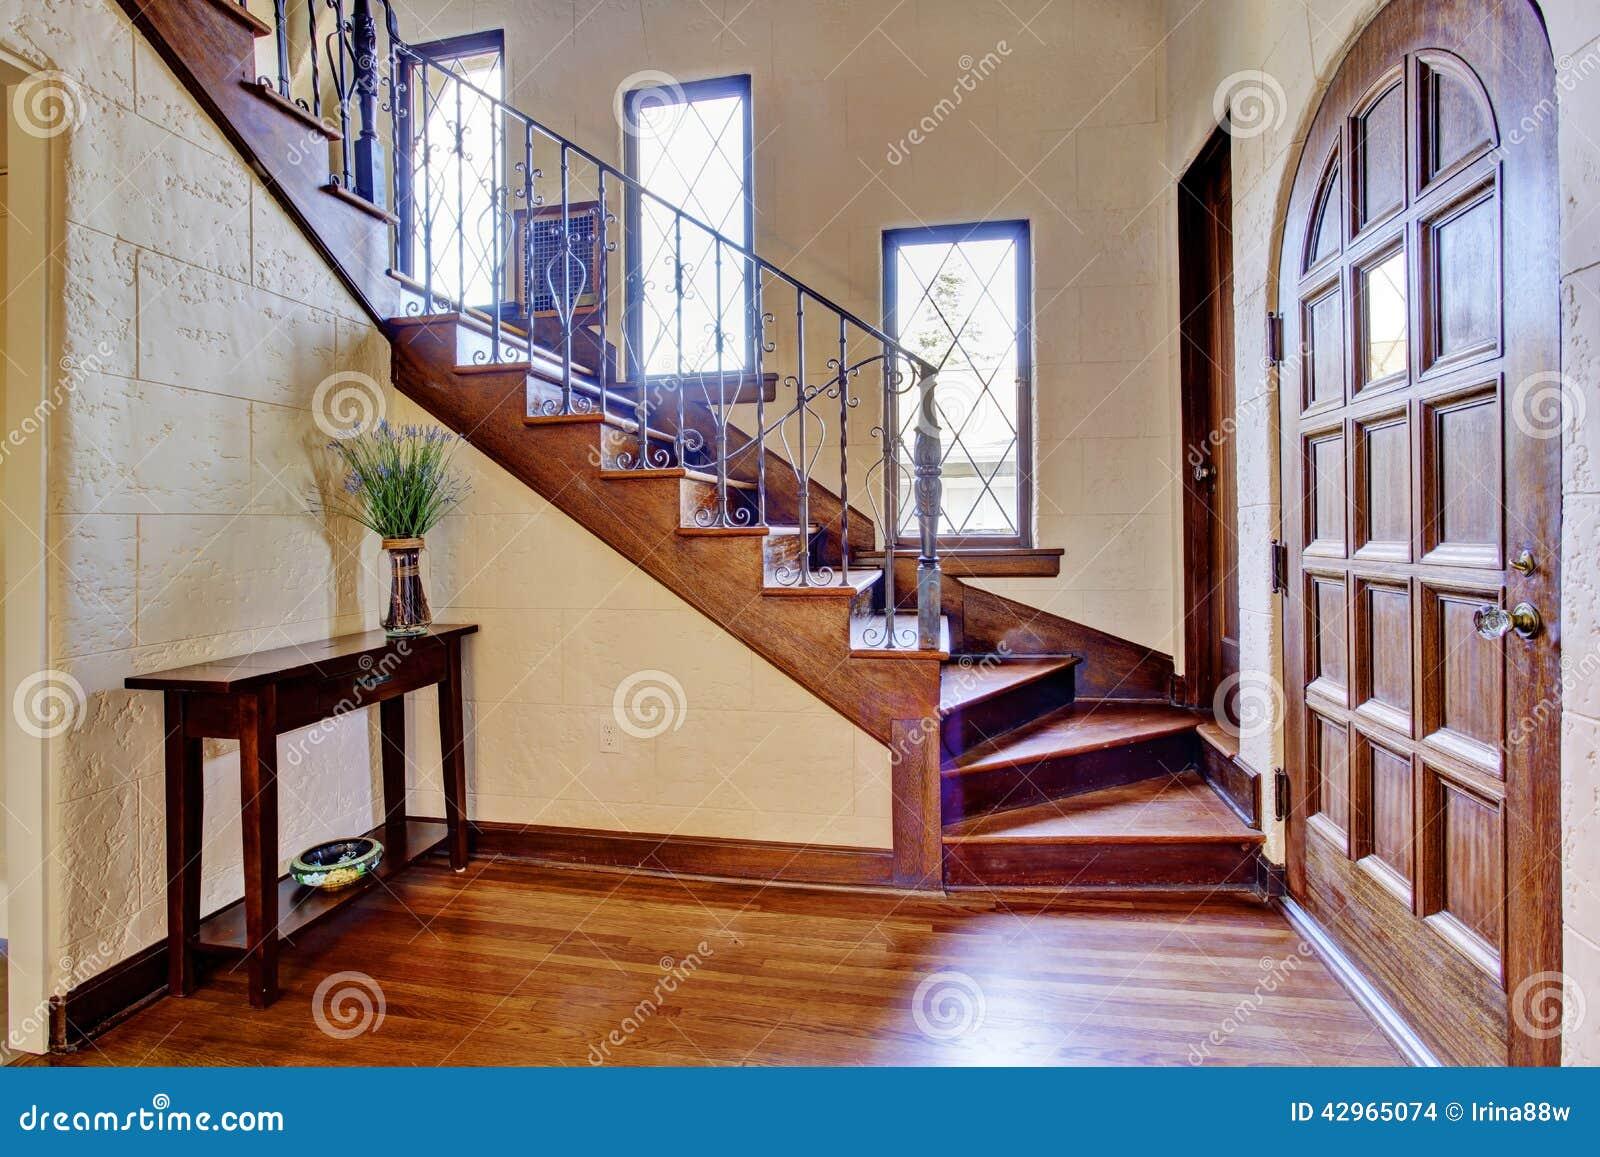 Cool Floor Plan Interior De Lujo De La Casa Vest 237 Bulo De La Entrada Con La